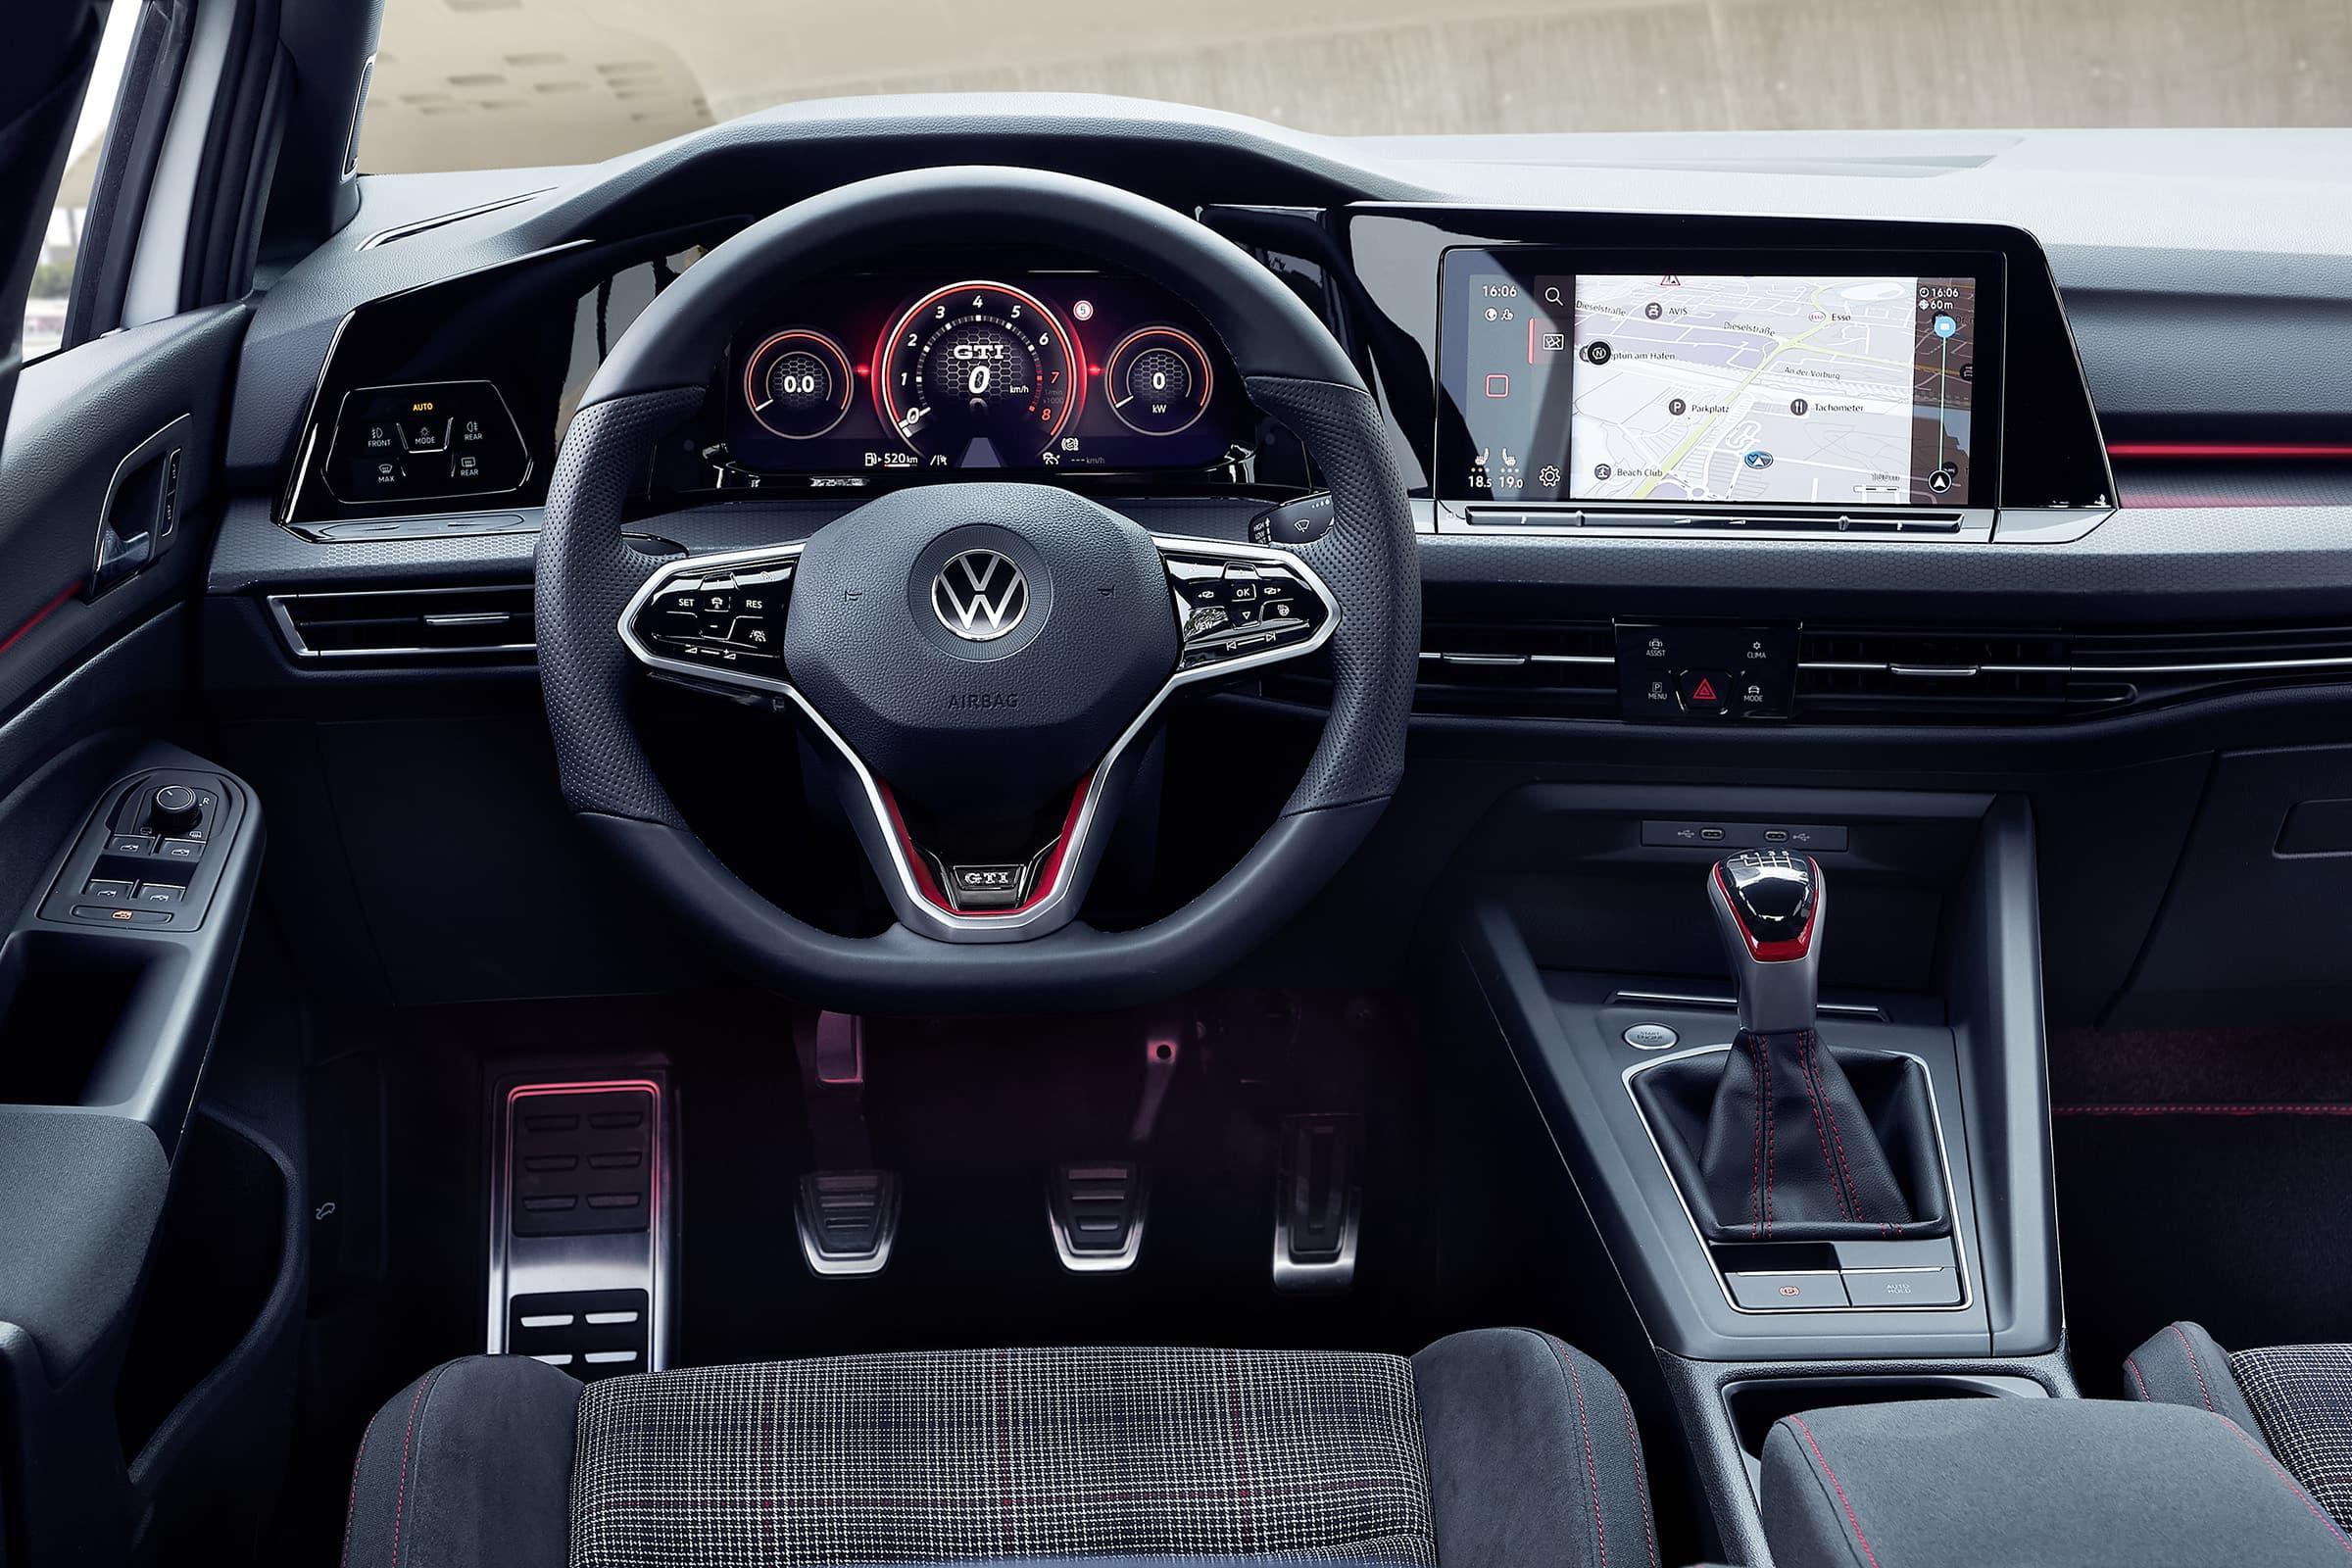 Νέο Volkswagen Golf GTI - Digital Cockpit και Σύστημα infotainment με οθόνη αφής